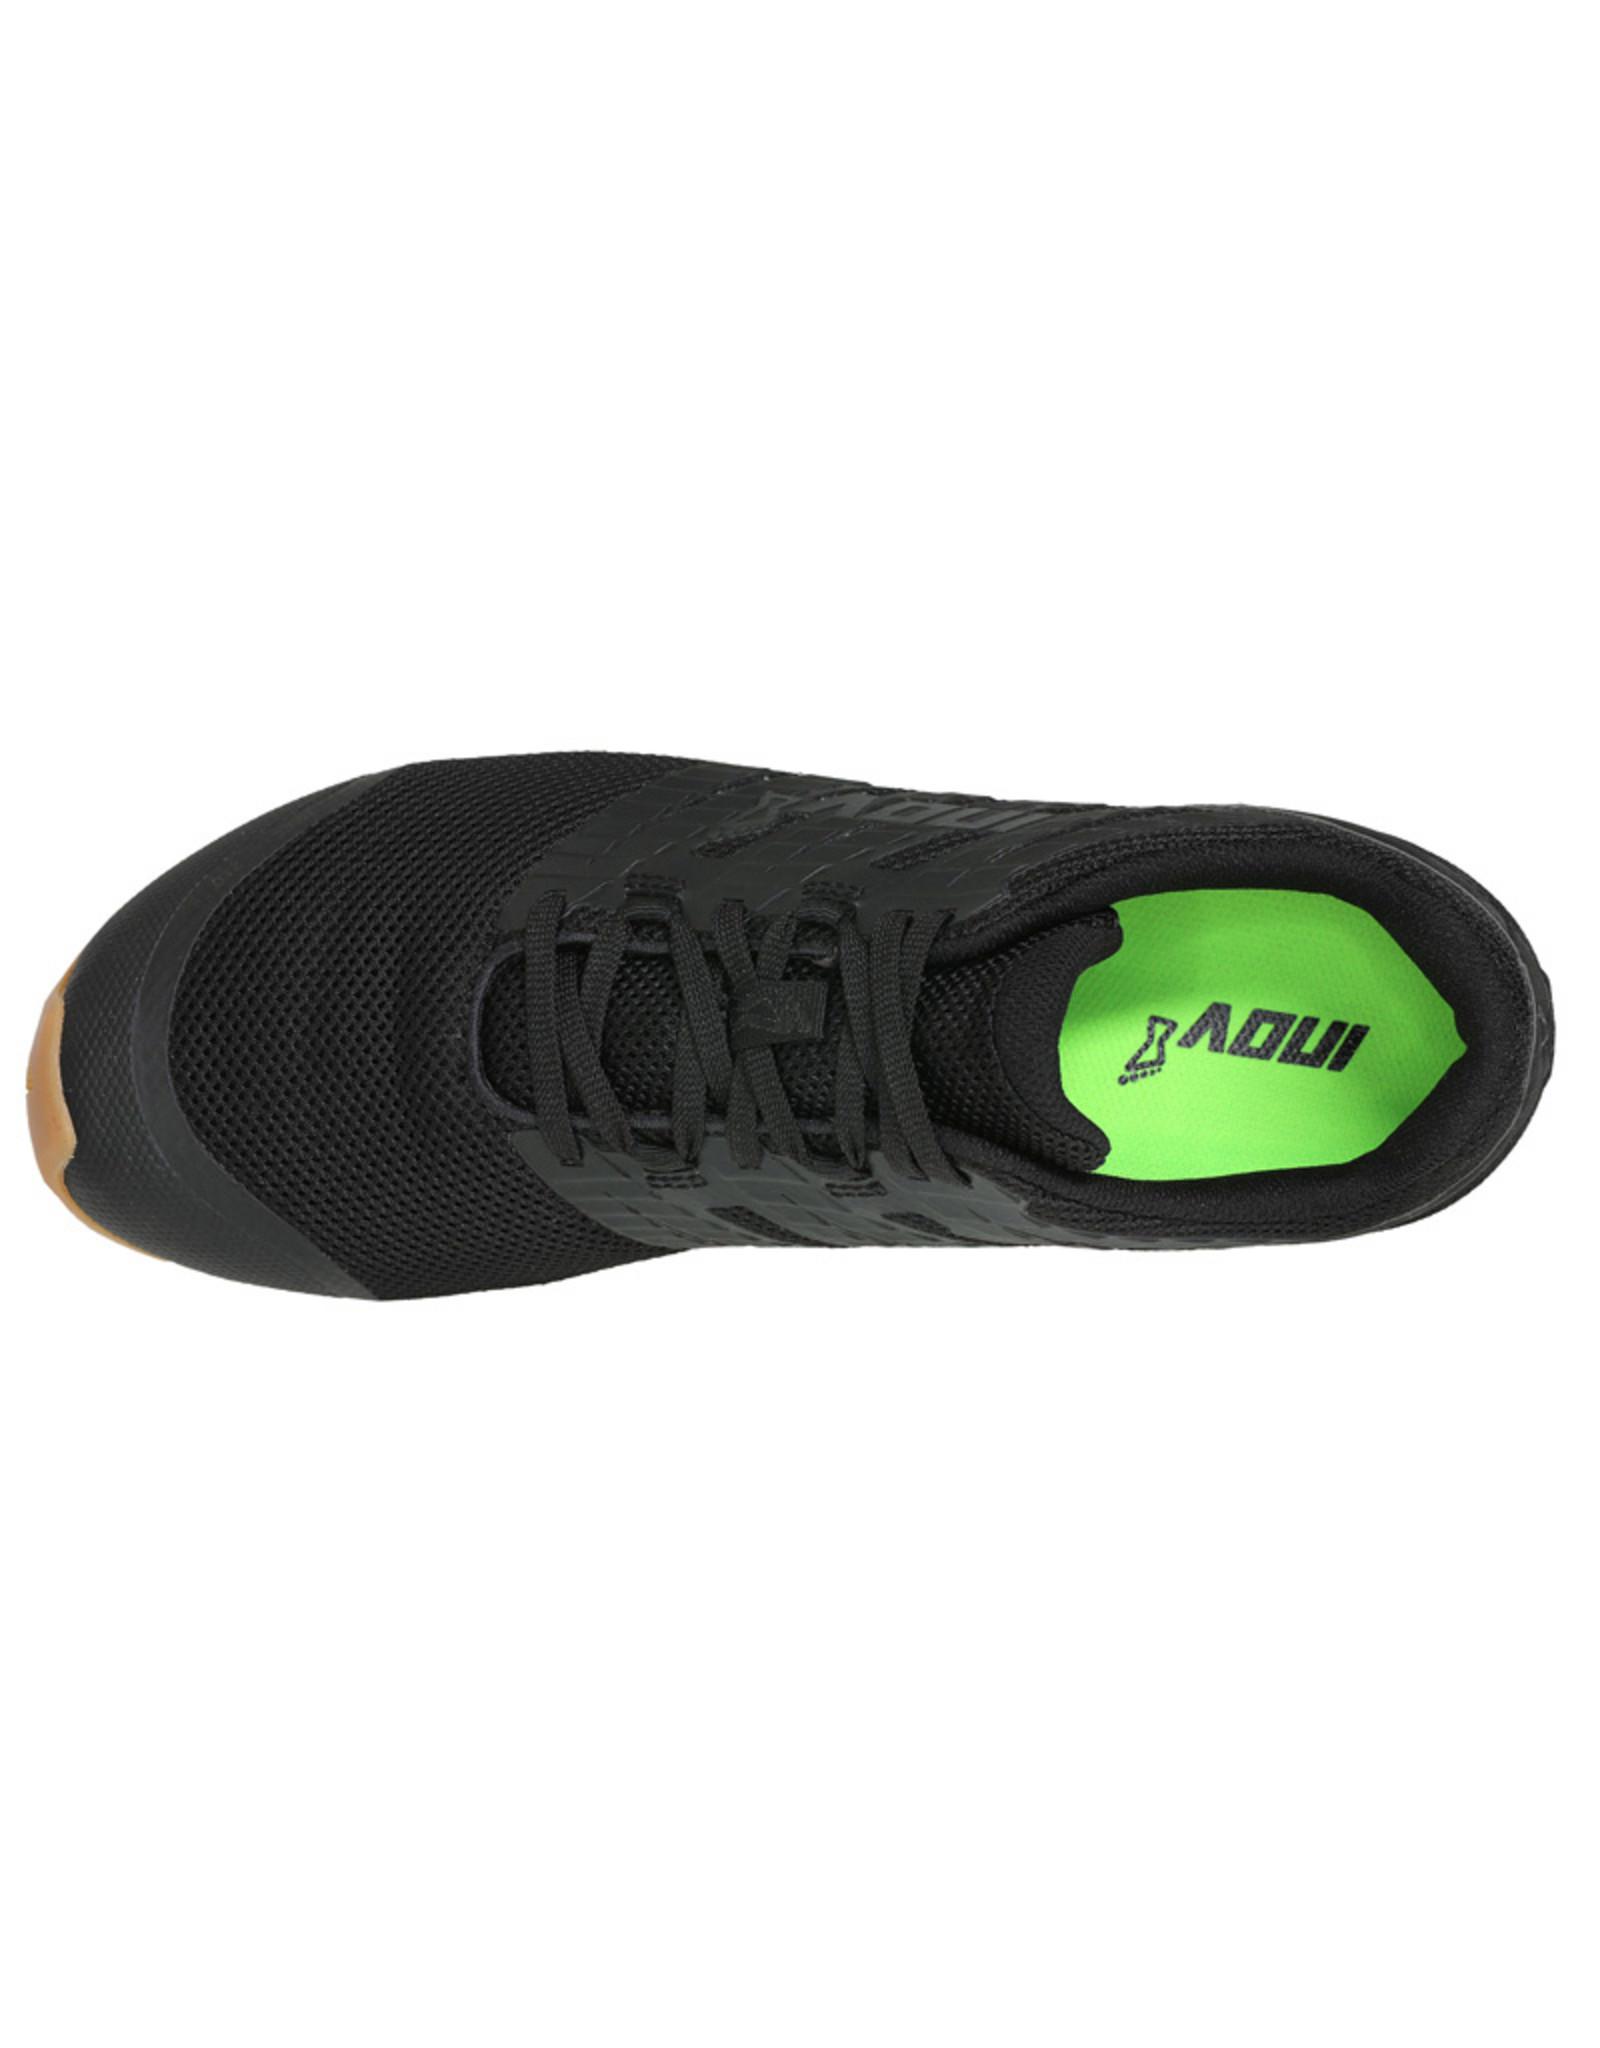 Inov-8 Bare XF 210 Zwart Fitnessschoen